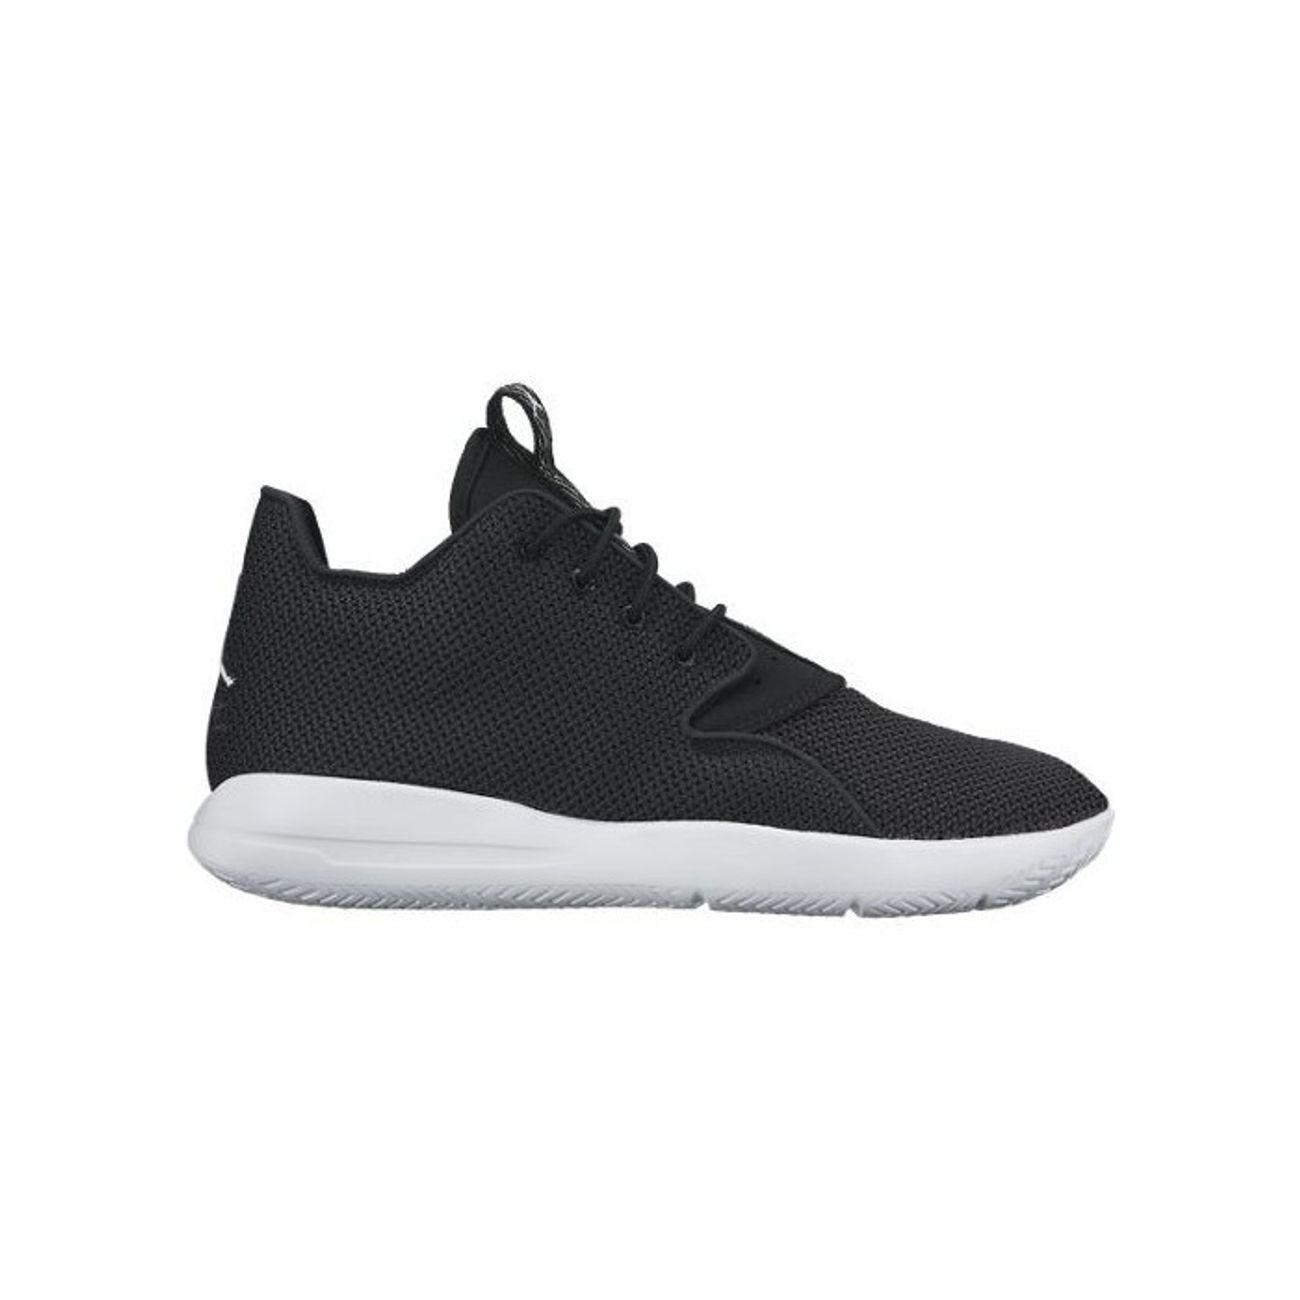 date de sortie: c2edd f77c0 Basket ball enfant JORDAN Chaussure de Basket Jordan Eclipse BG Anthracite  pour enfant